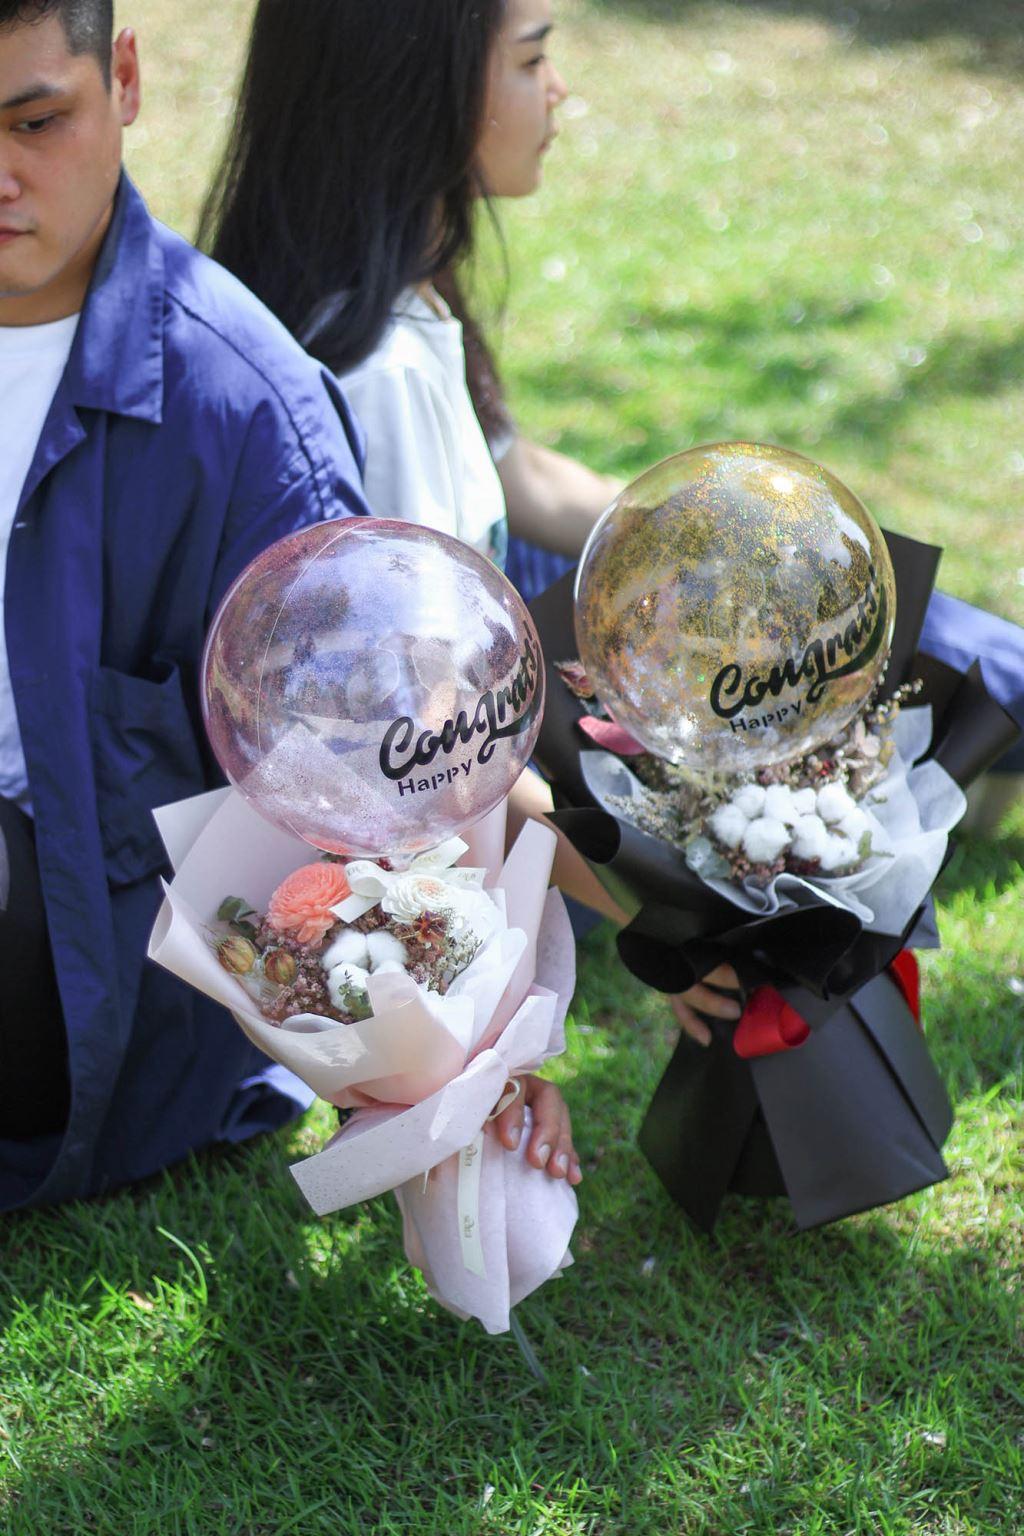 畢業花束 乾燥花波波球花束、畢業禮物、波波球花束、畢業季花禮、手作畢業禮物